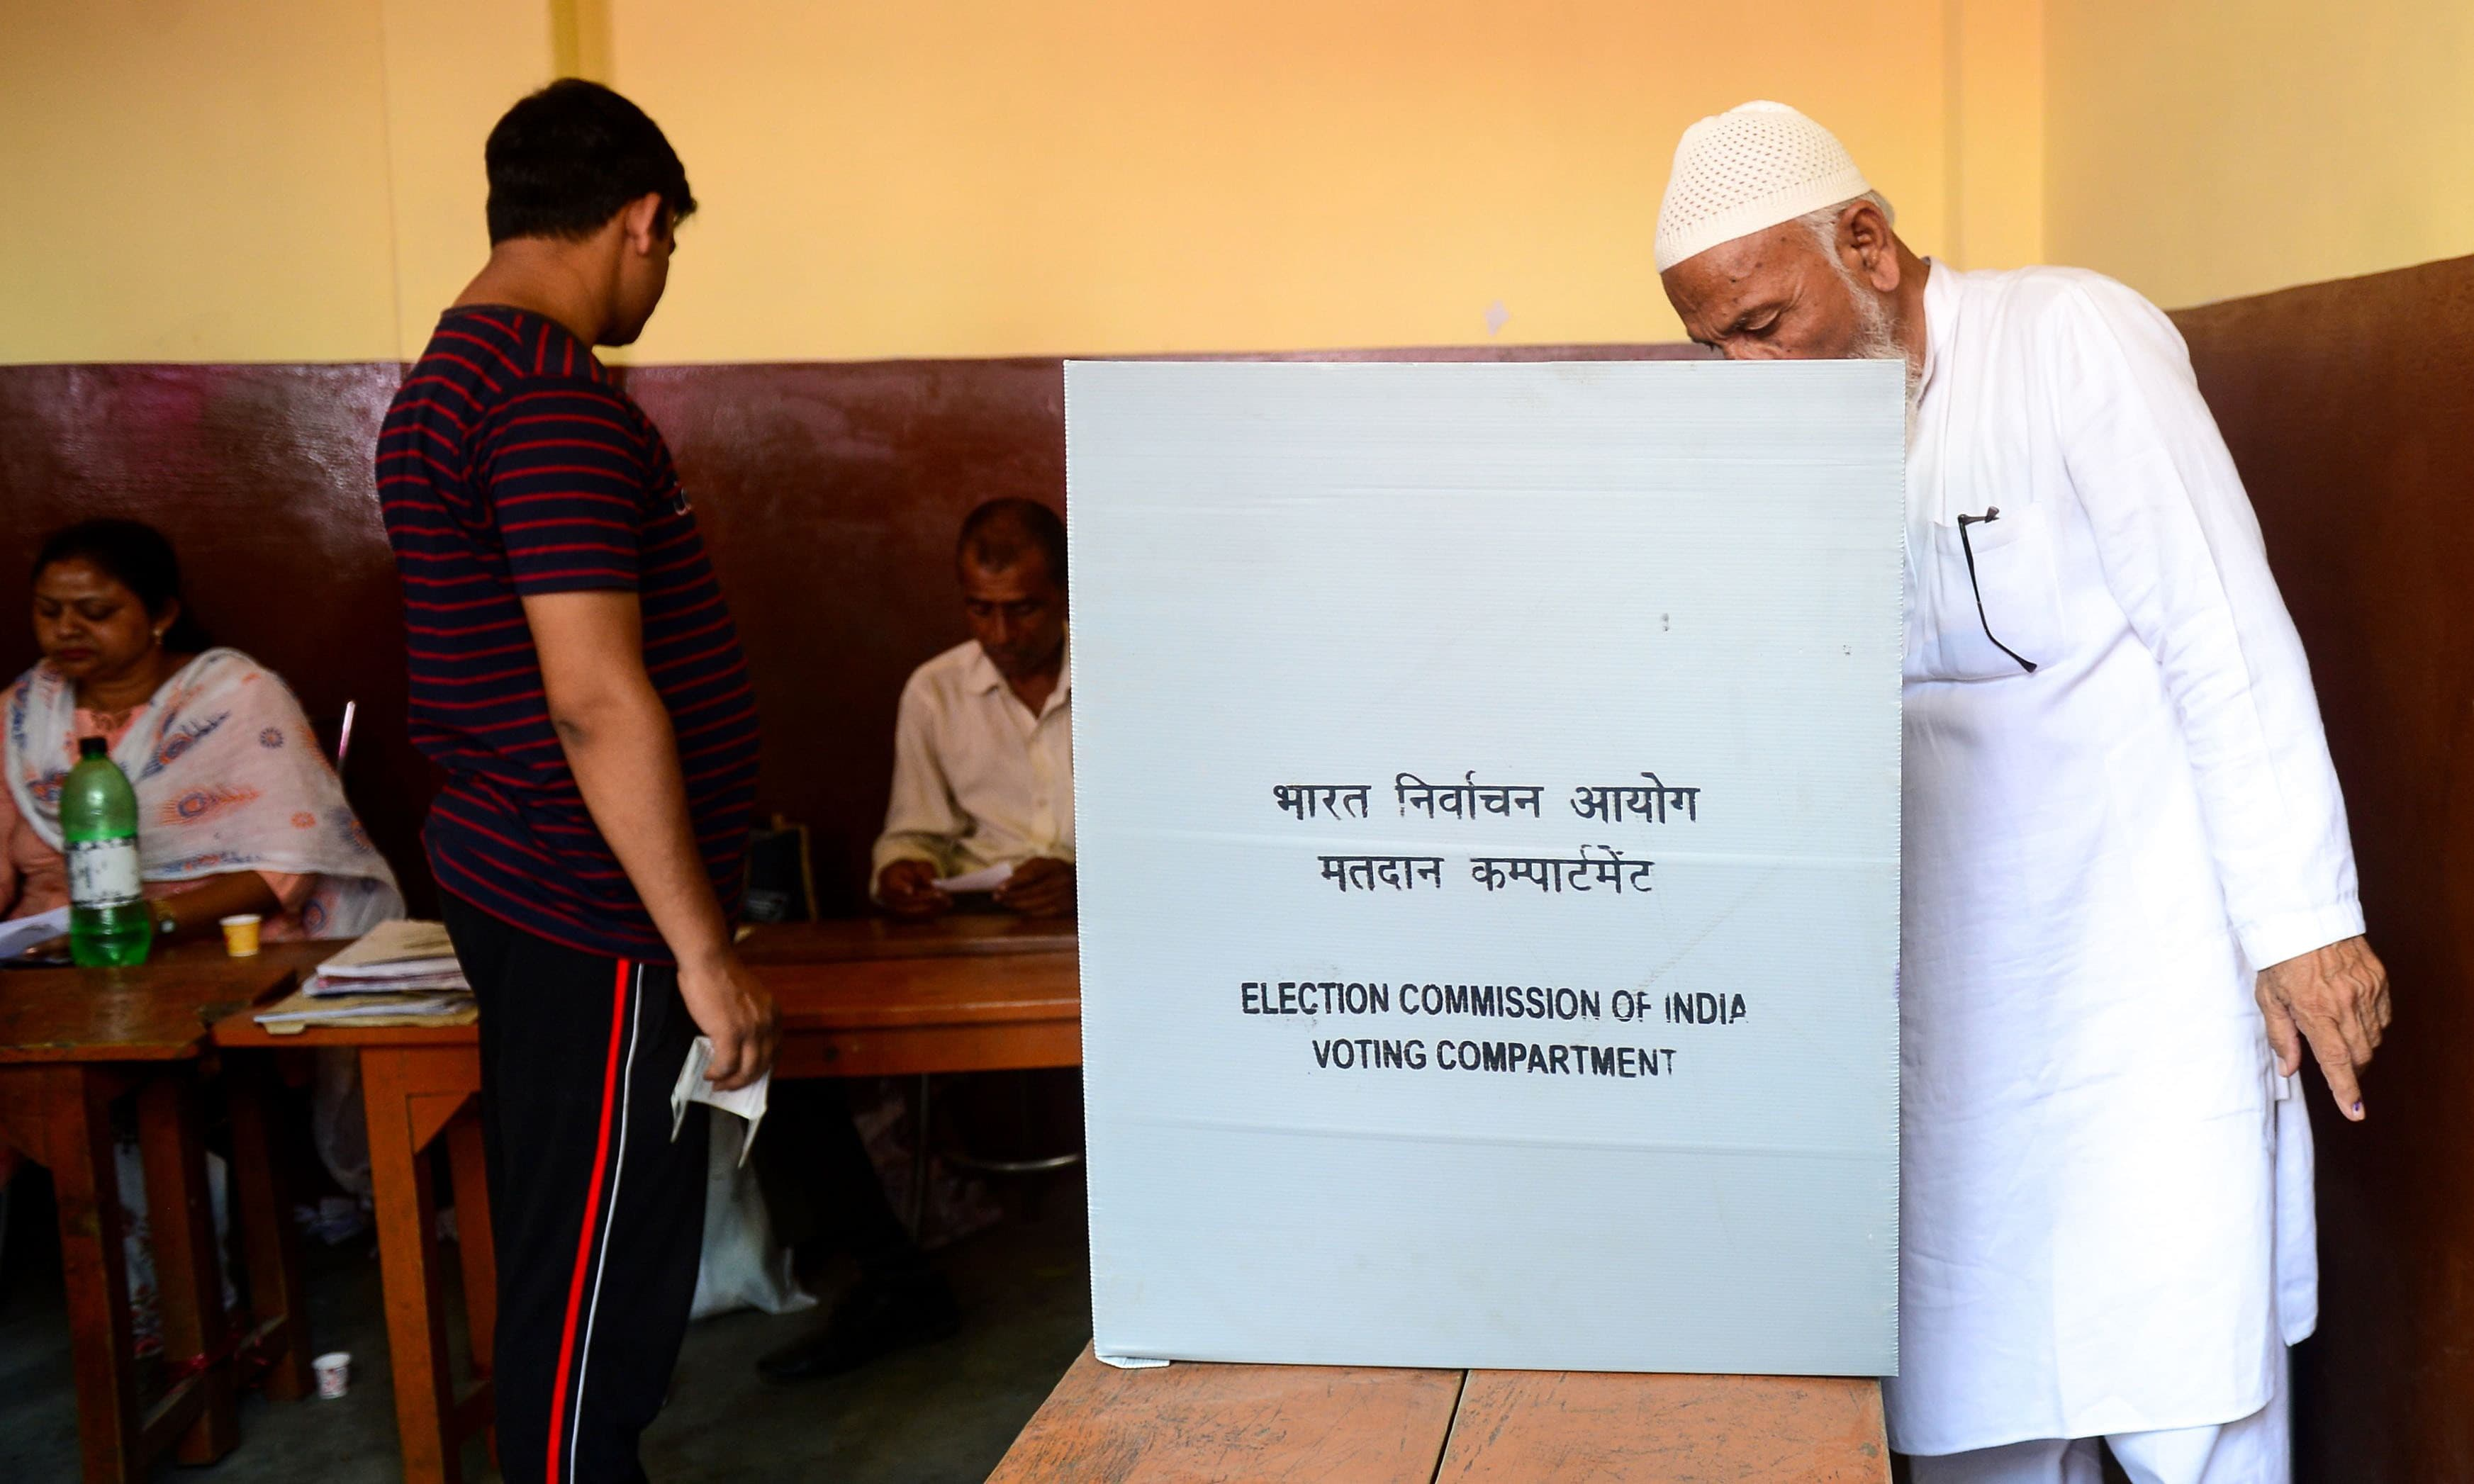 کانپور کے ایک پولنگ اسٹیشن میں لوگ ووٹ ڈالنے پہنچے —فوٹو/ اے ایف پی